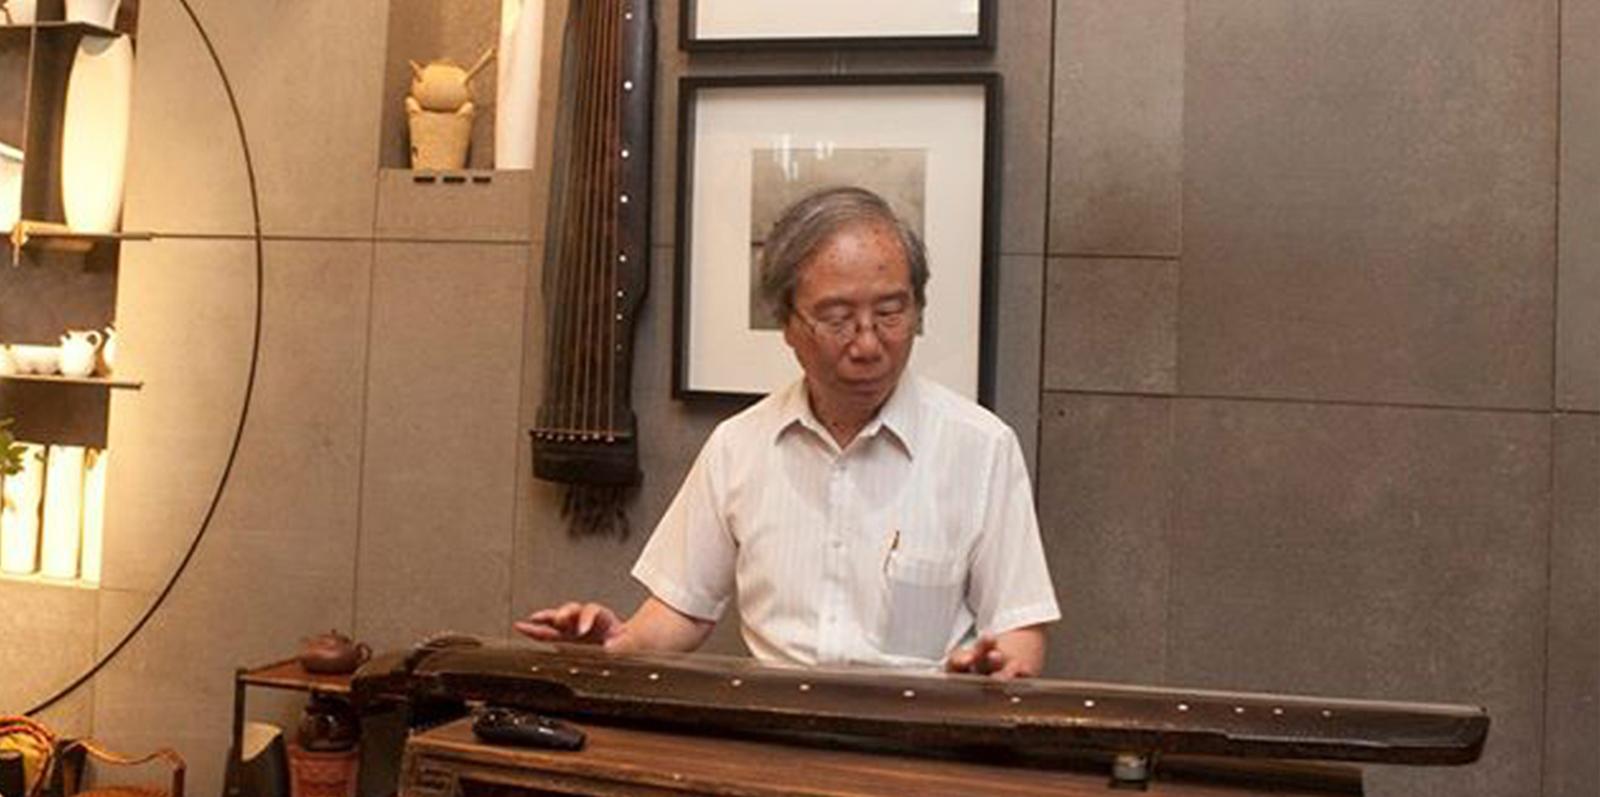 有幸榮邀 香江著名琴人謝俊仁博士 攜同明代古琴 主持 -古琴導賞